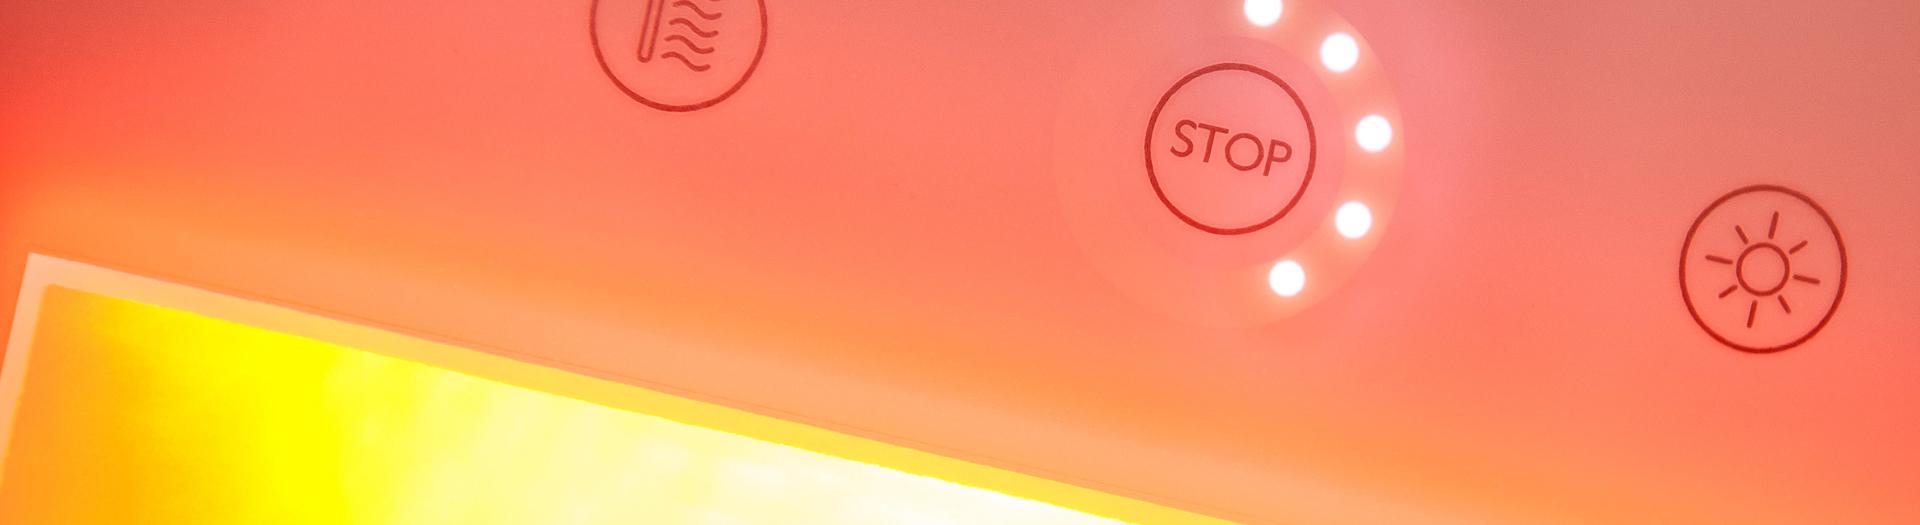 Sunshower - 2. Sunshower waarom met infraroodlicht